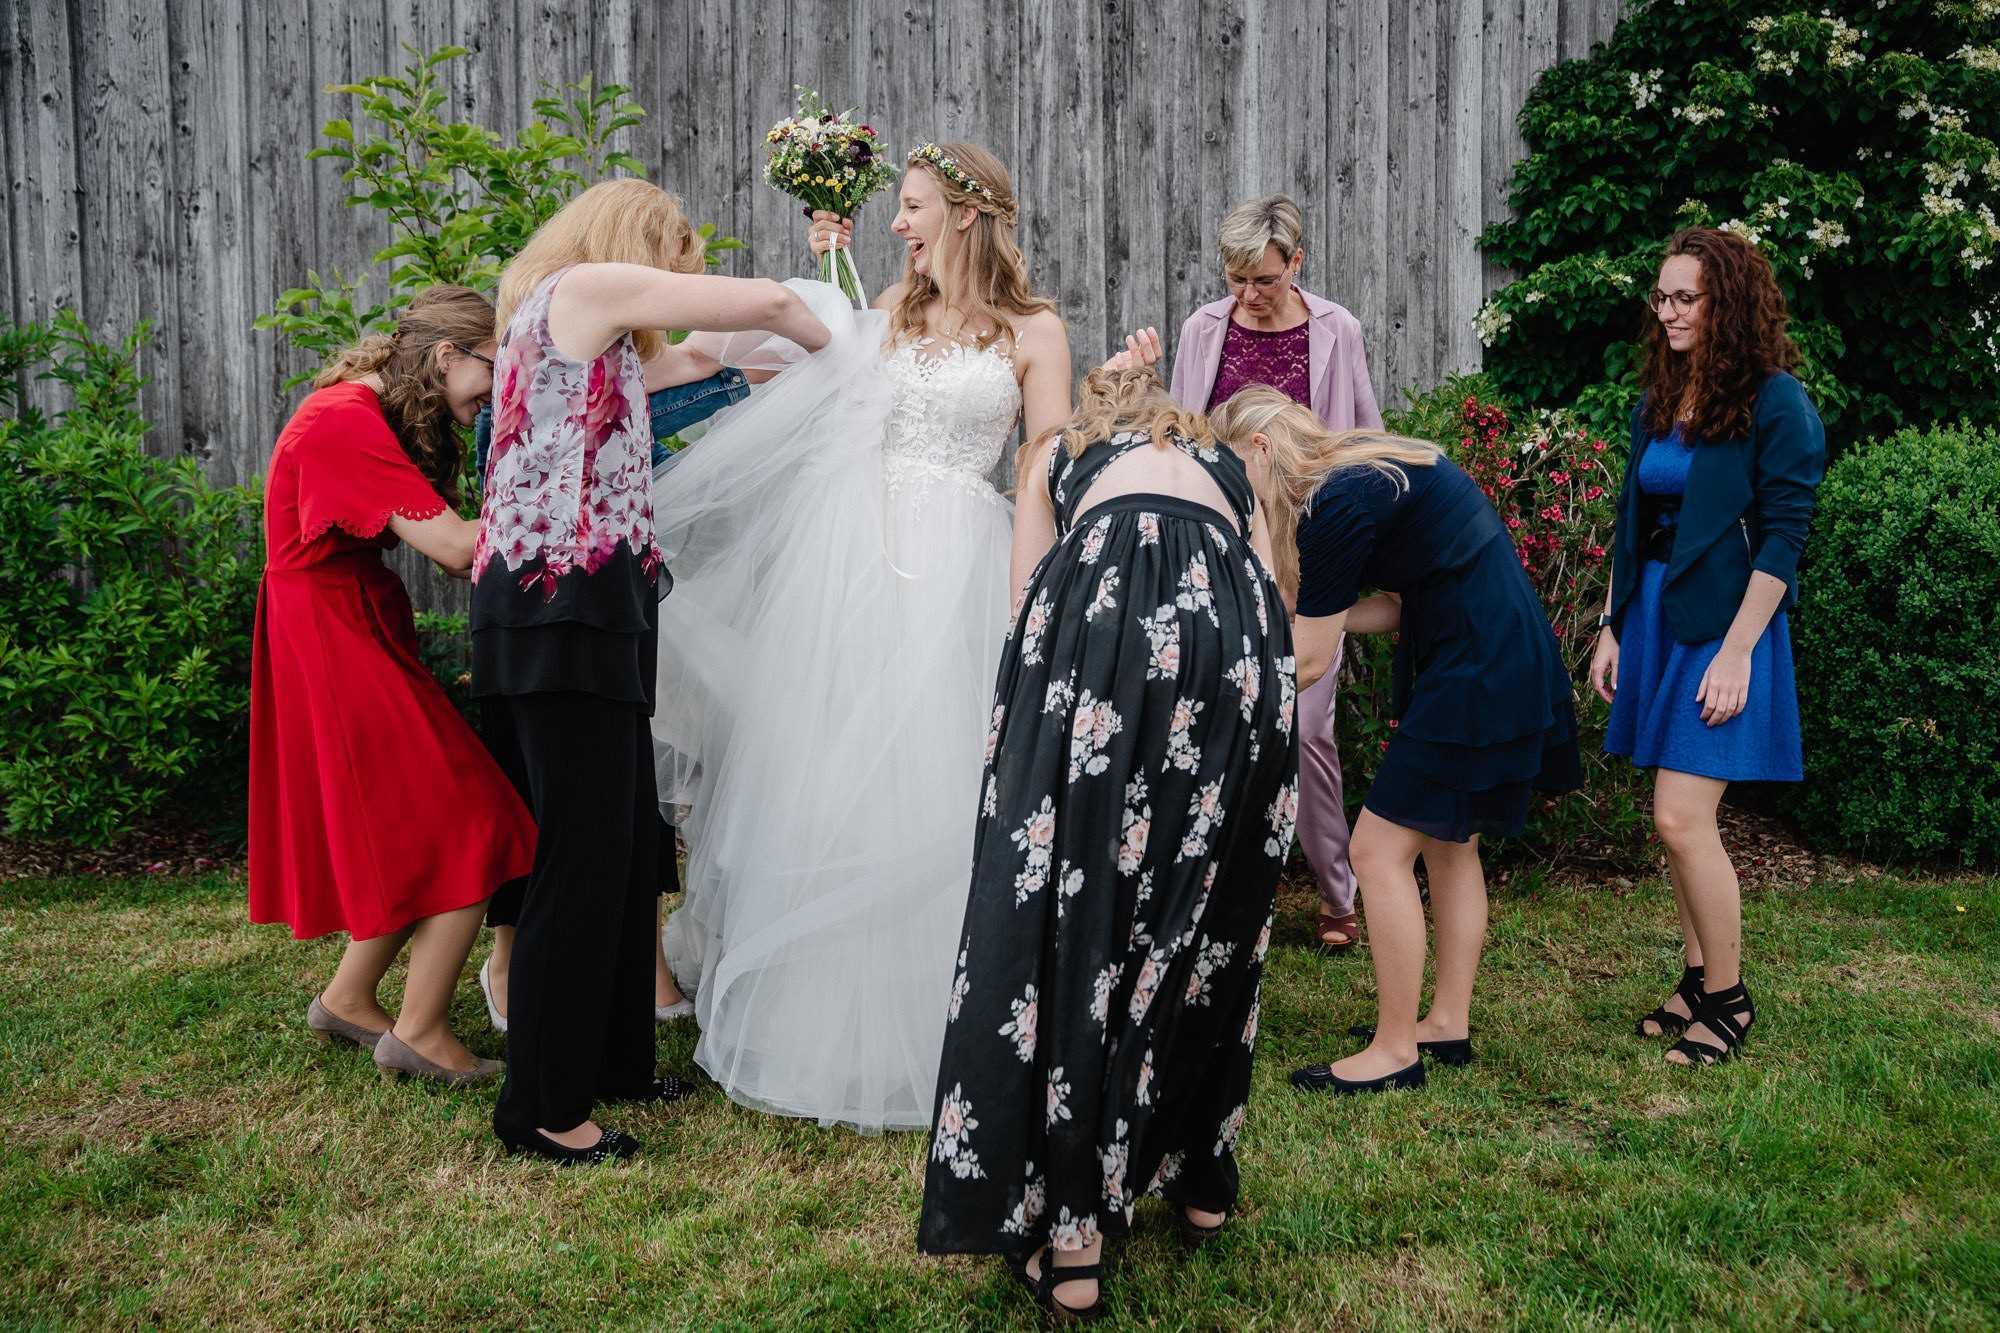 Hochzeit in Regensburg, Paarshooting, Braut wird lachend von den weiblichen Gästen fertig für das Shooting gemacht